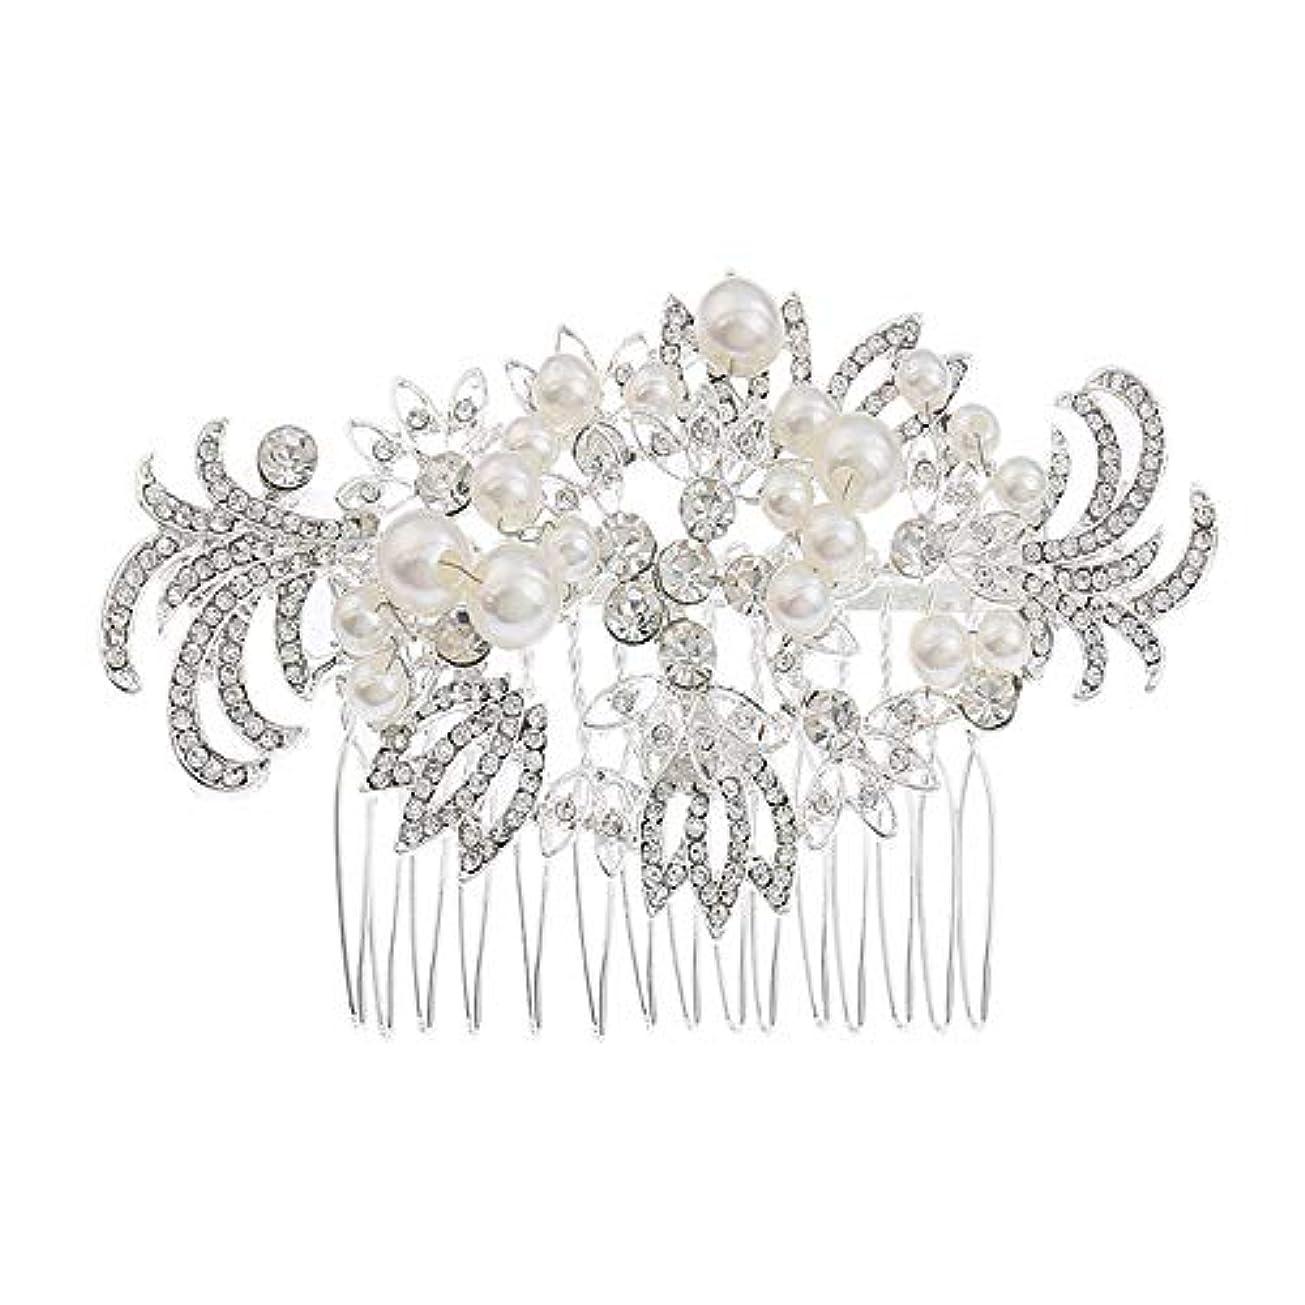 喉頭草びん髪の櫛挿入櫛花嫁の髪櫛真珠の髪の櫛ラインストーンの髪の櫛結婚式のヘアアクセサリー合金の帽子ブライダルヘッドドレス